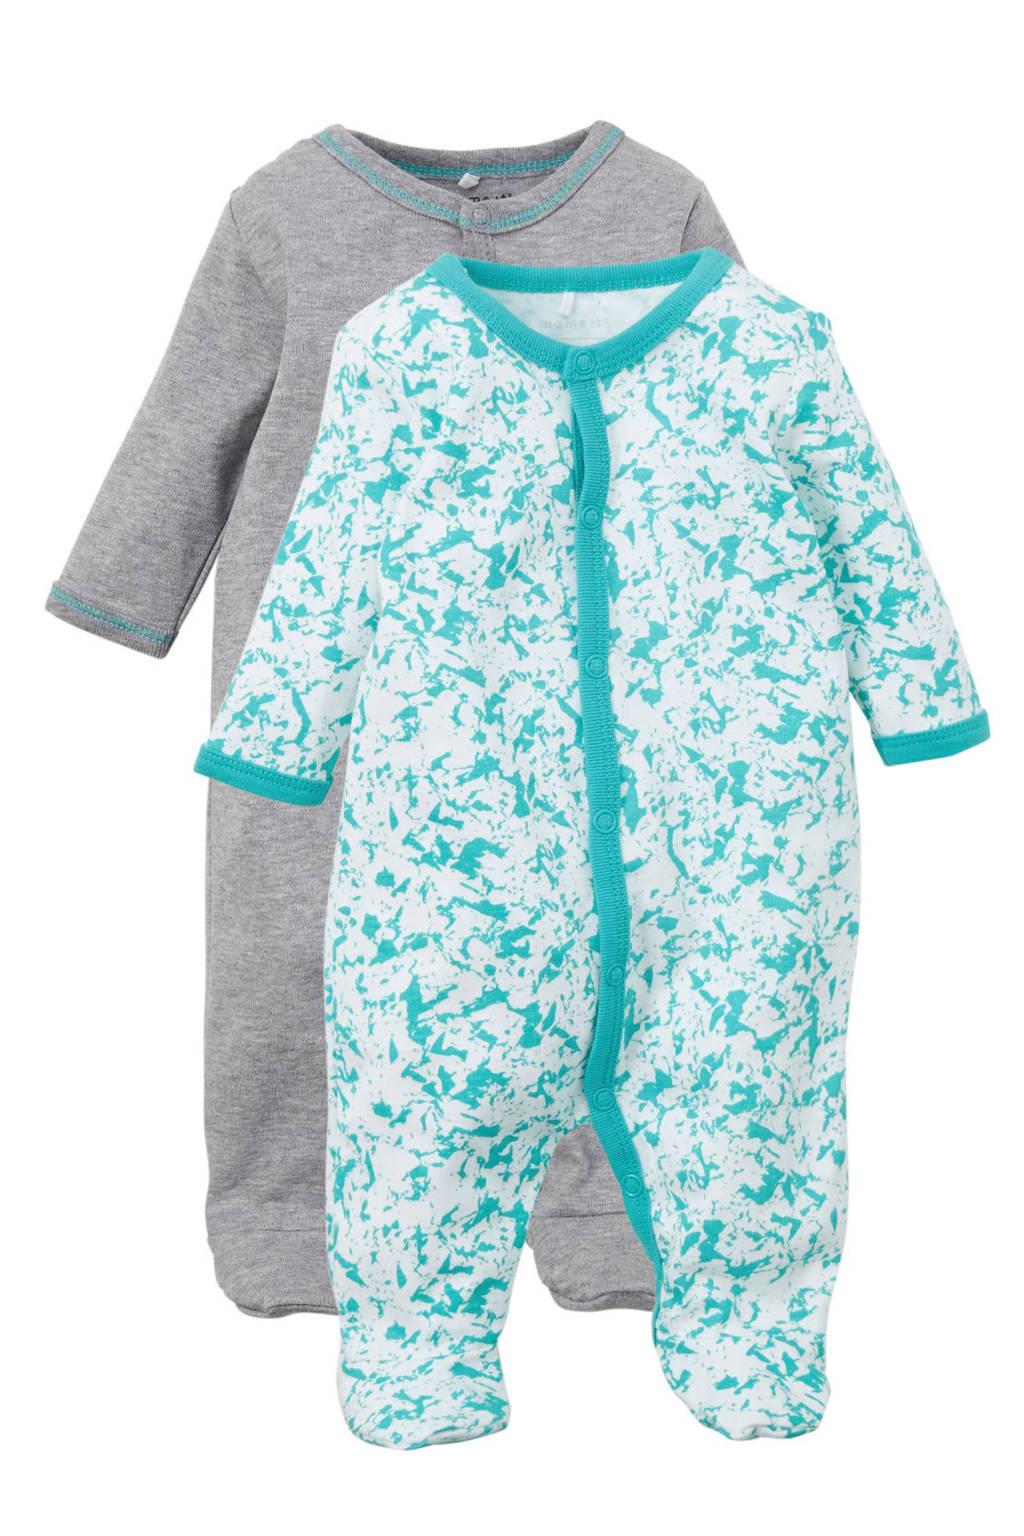 name it BABY   newborn pyjama (set van 2), Donkergrijs melange/blauw/wit